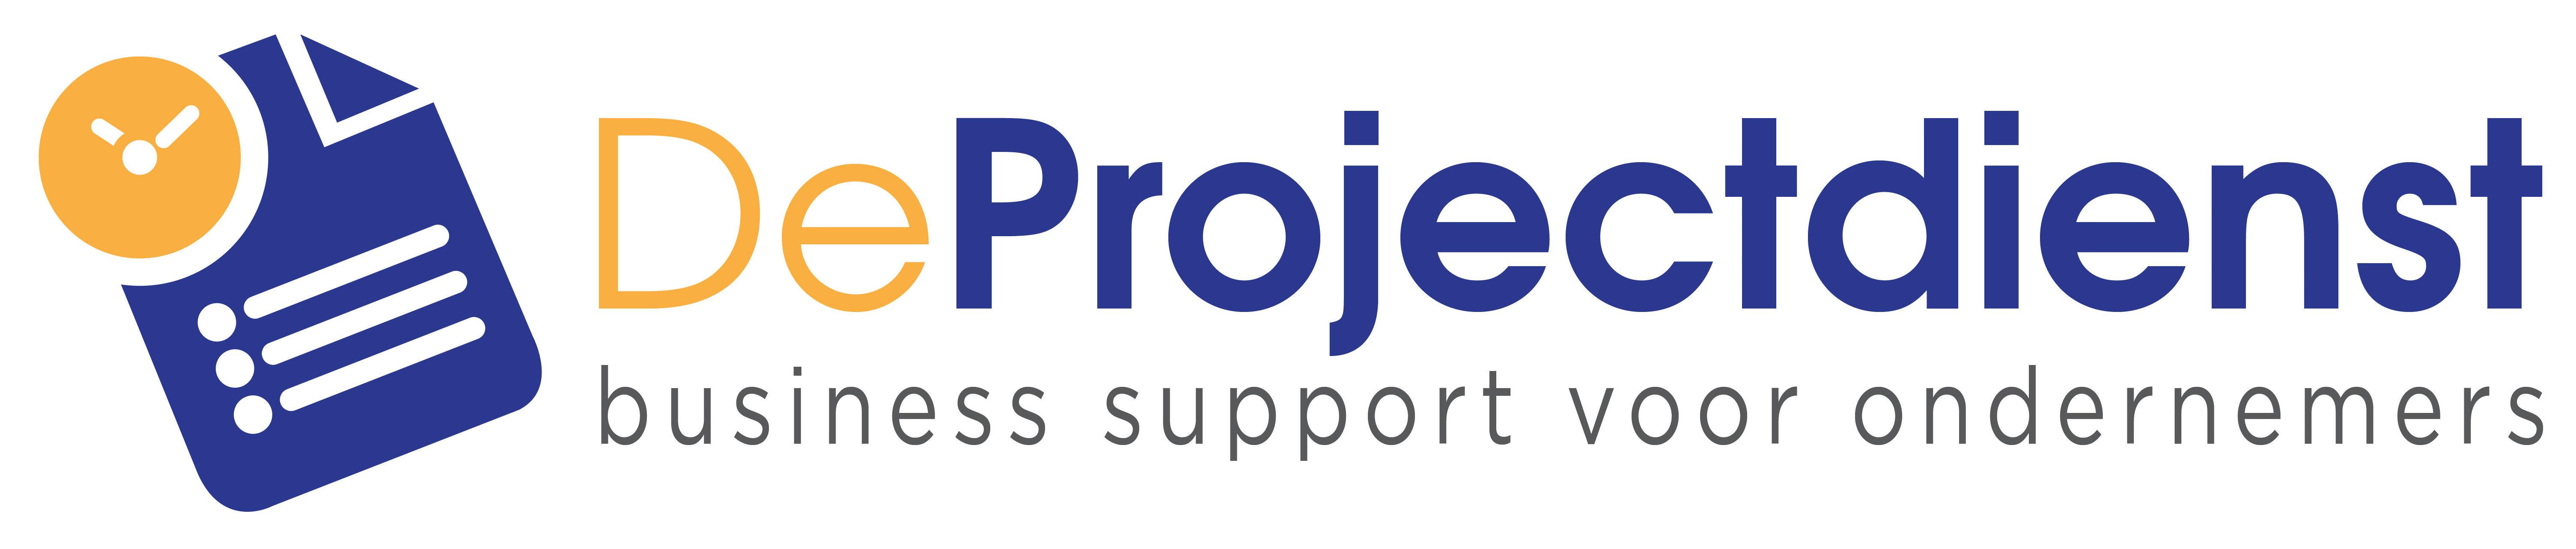 De Projectdienst